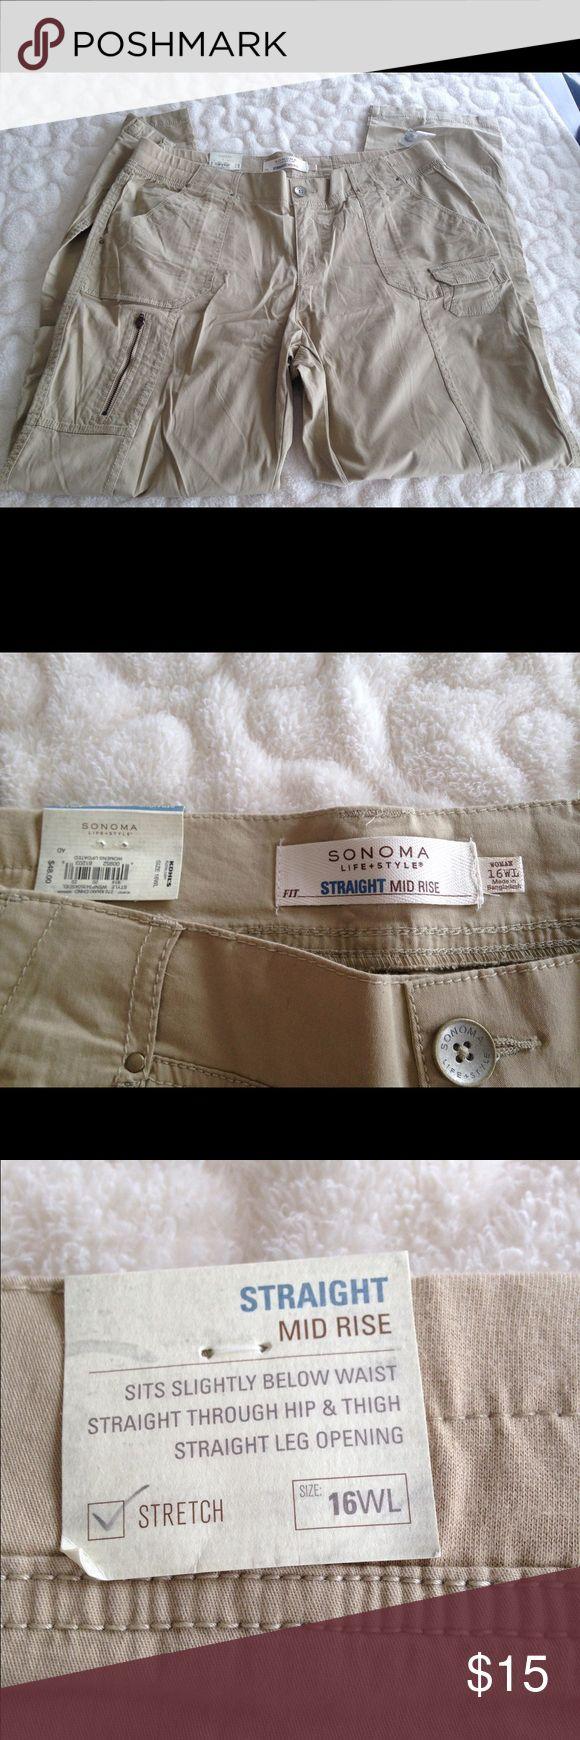 NWT Sonoma Woman's plus size Pants NWT Sonoma Woman's Plus size khaki pants, straight, mid rise, size 16WL Sonoma Pants Straight Leg